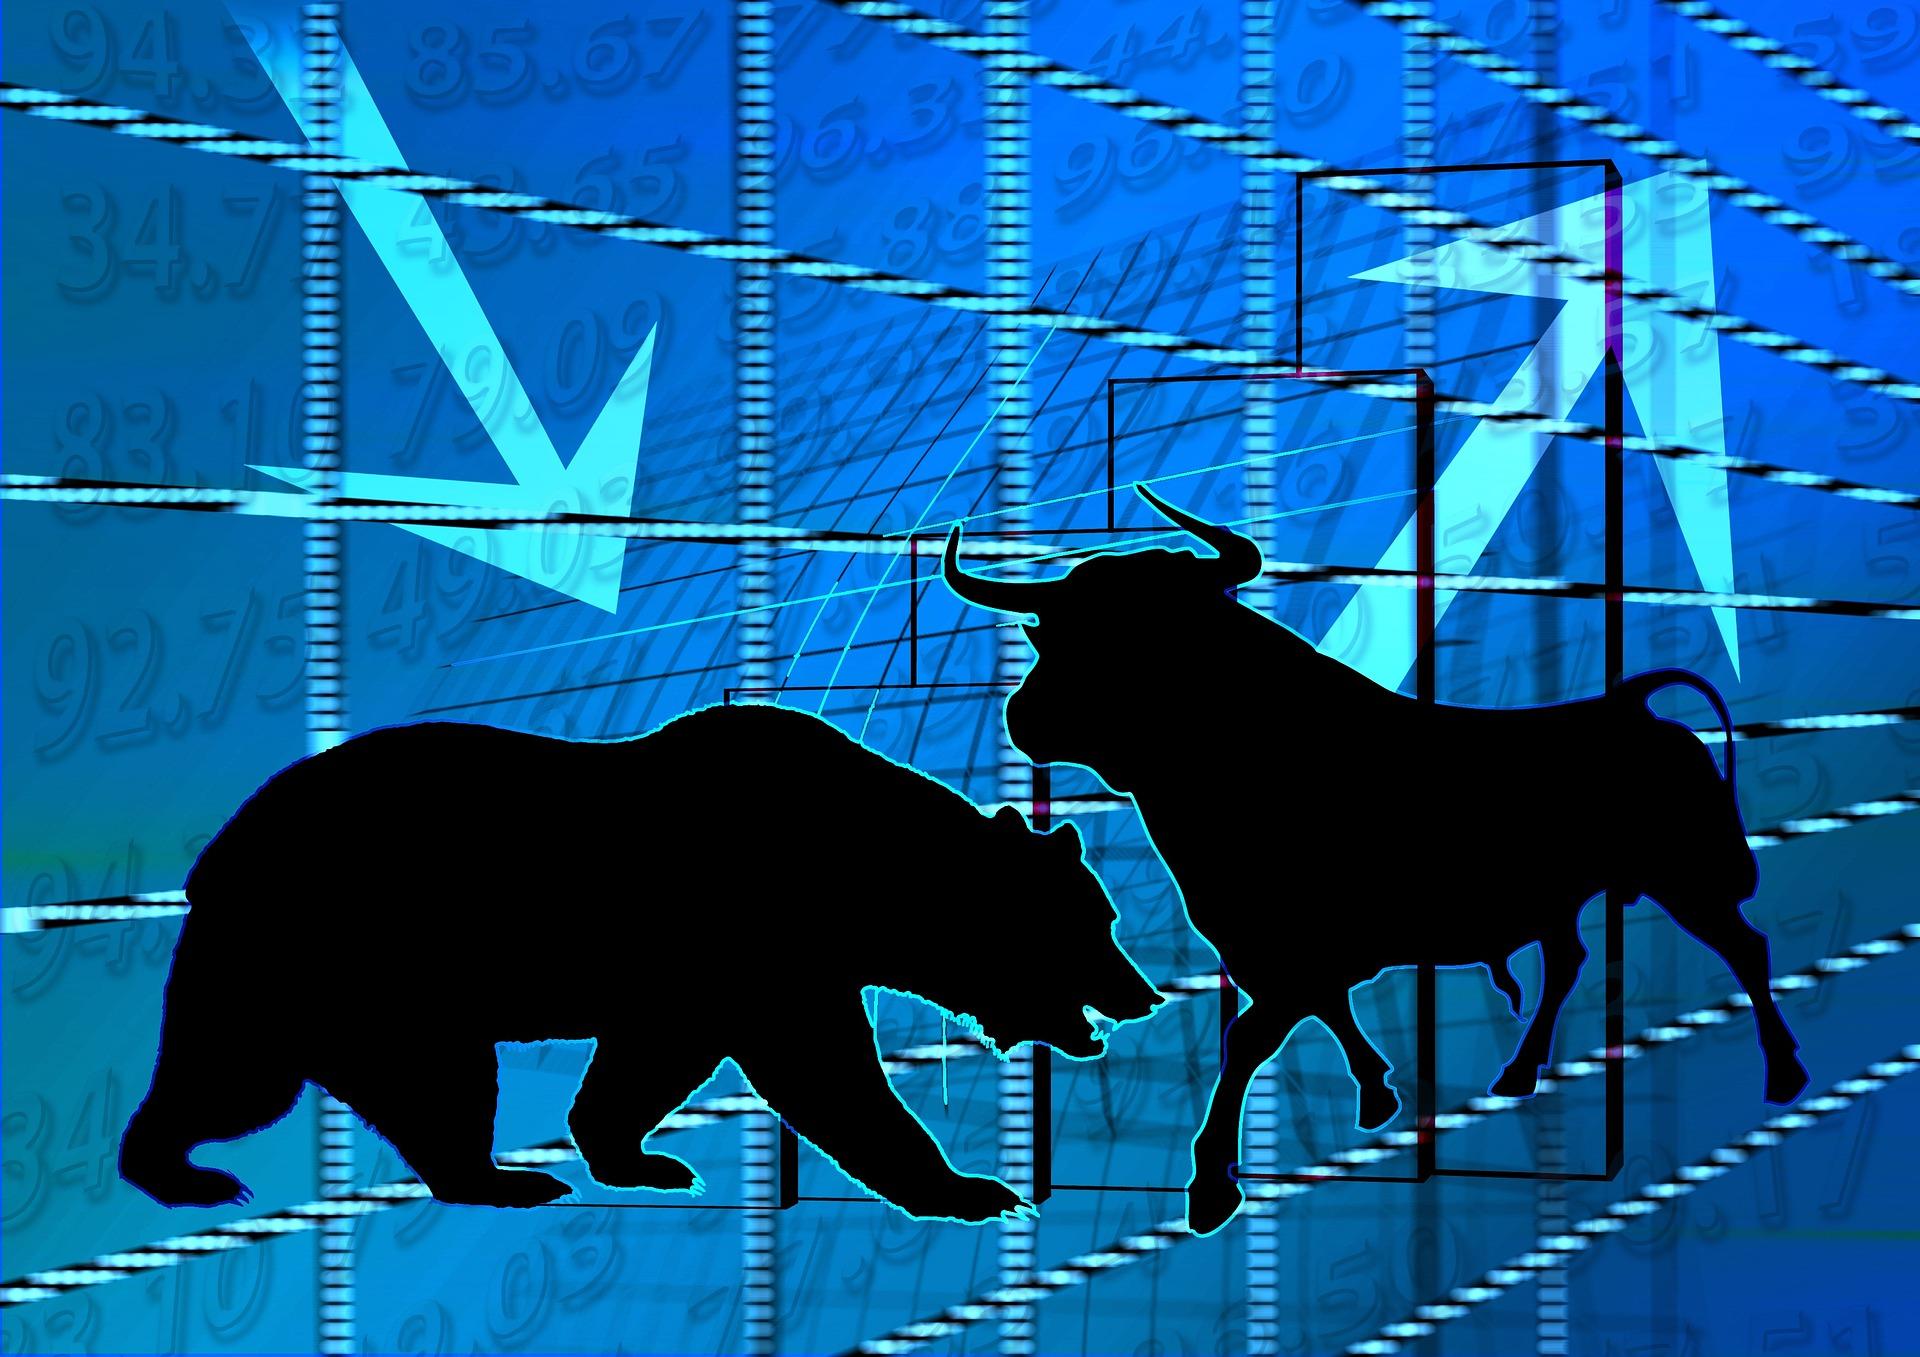 Daytrader - was ist der Unterschied zwischen Daytrading und Trading?